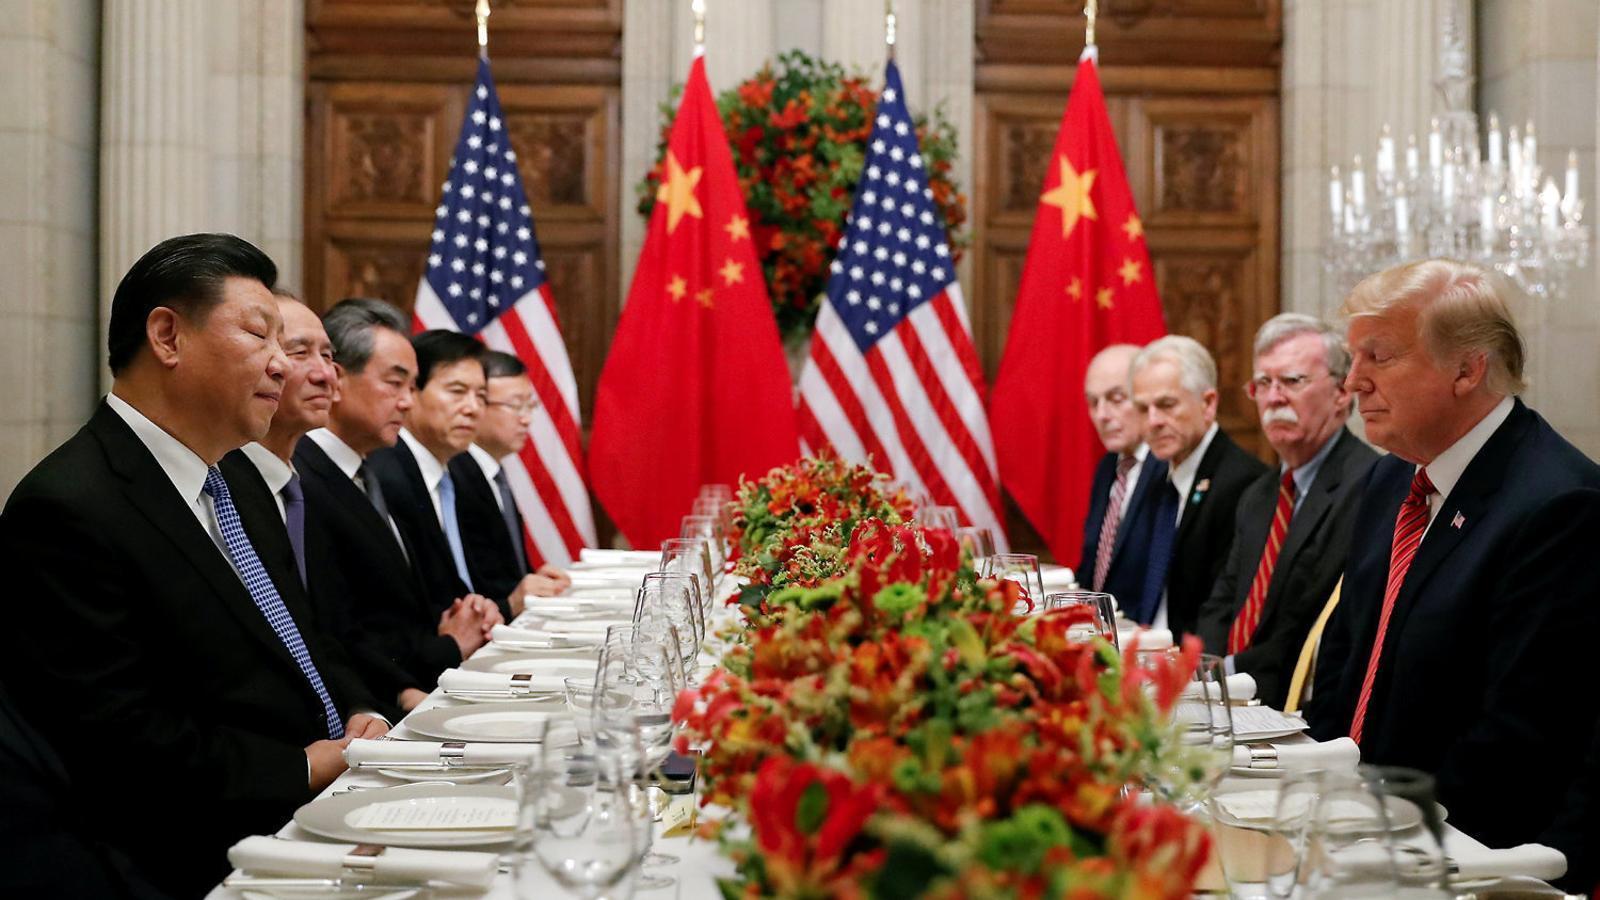 Els Estats Units i la Xina fan un gest per la distensió al G-20